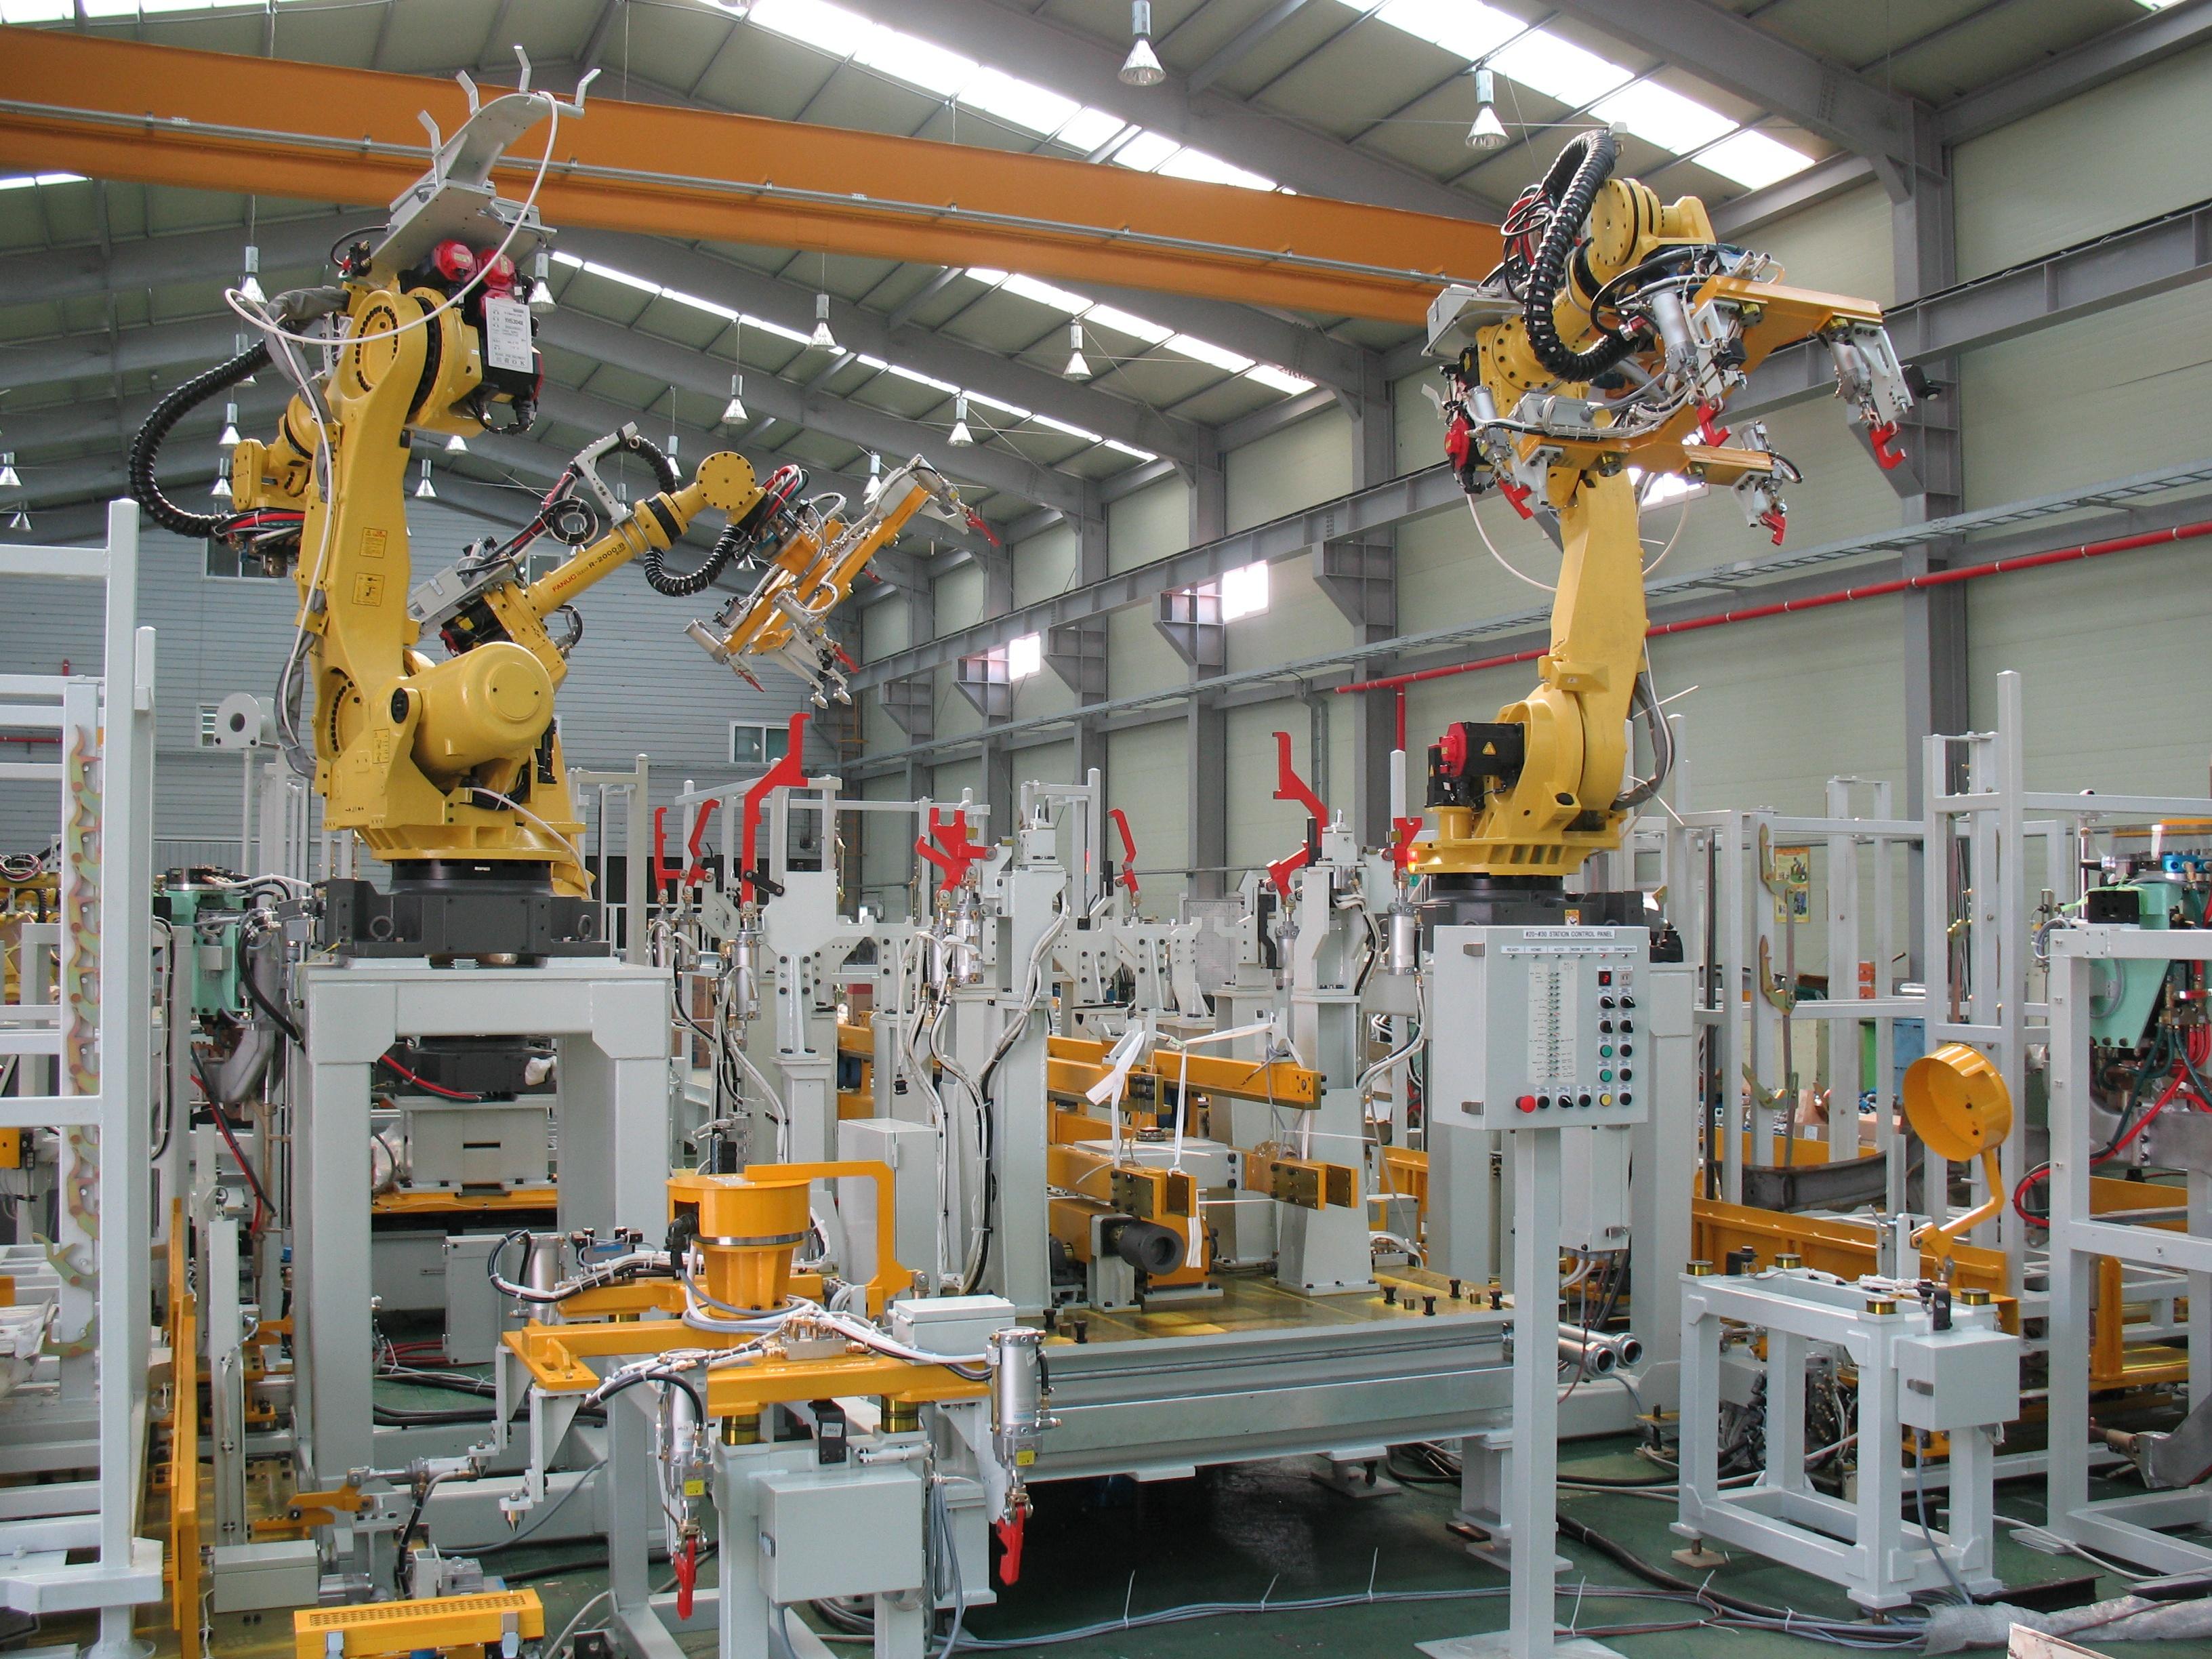 Manufacturing_equipment_070